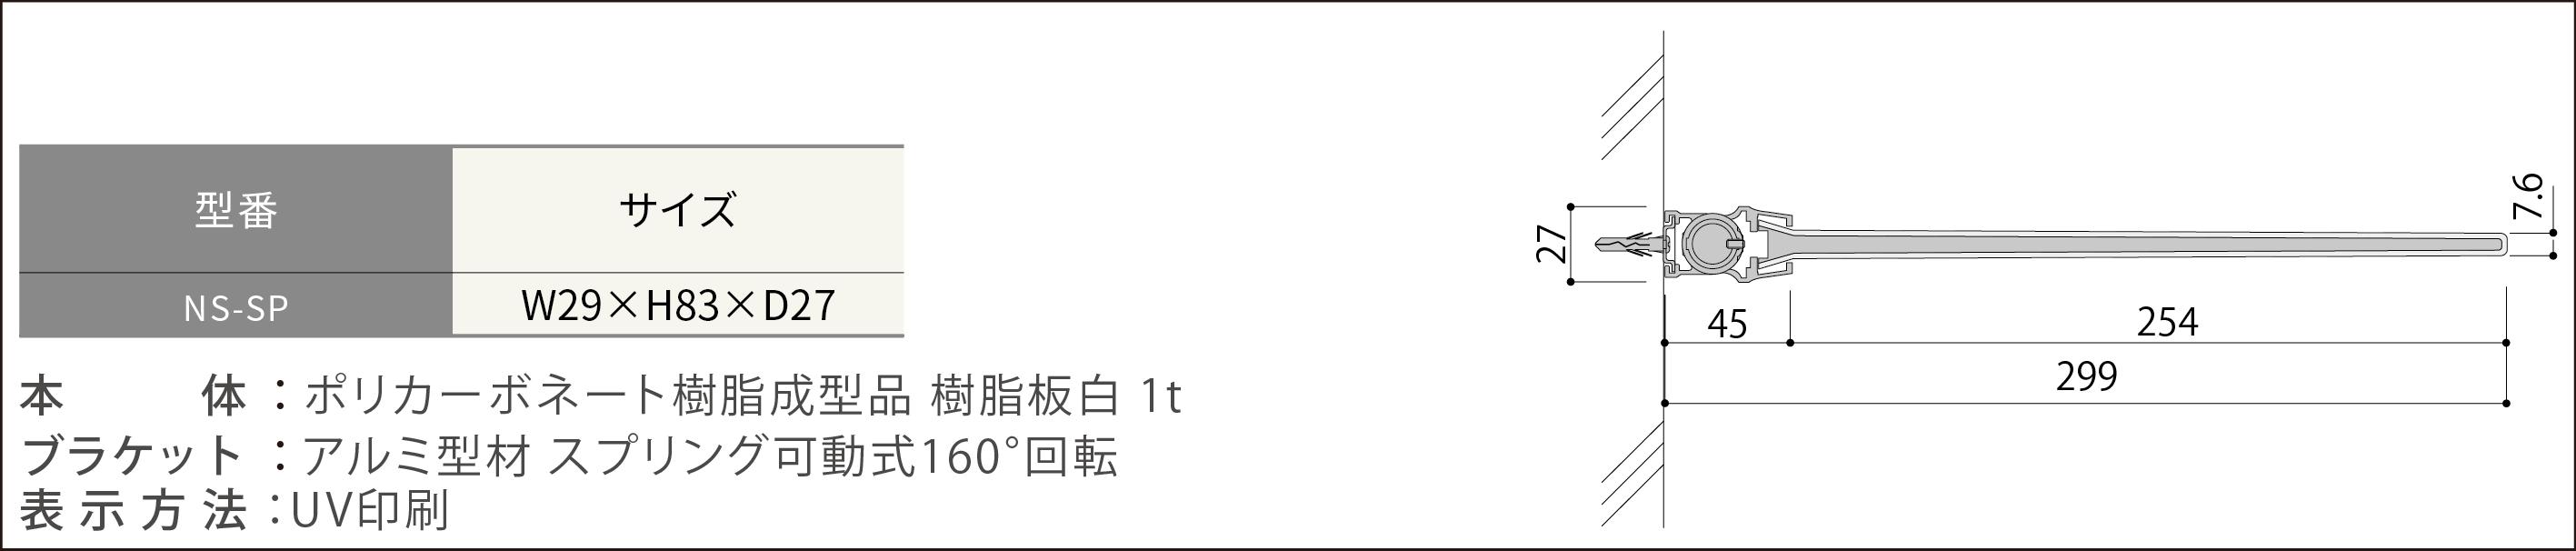 ルームサイン:スタンダードプレート側面型